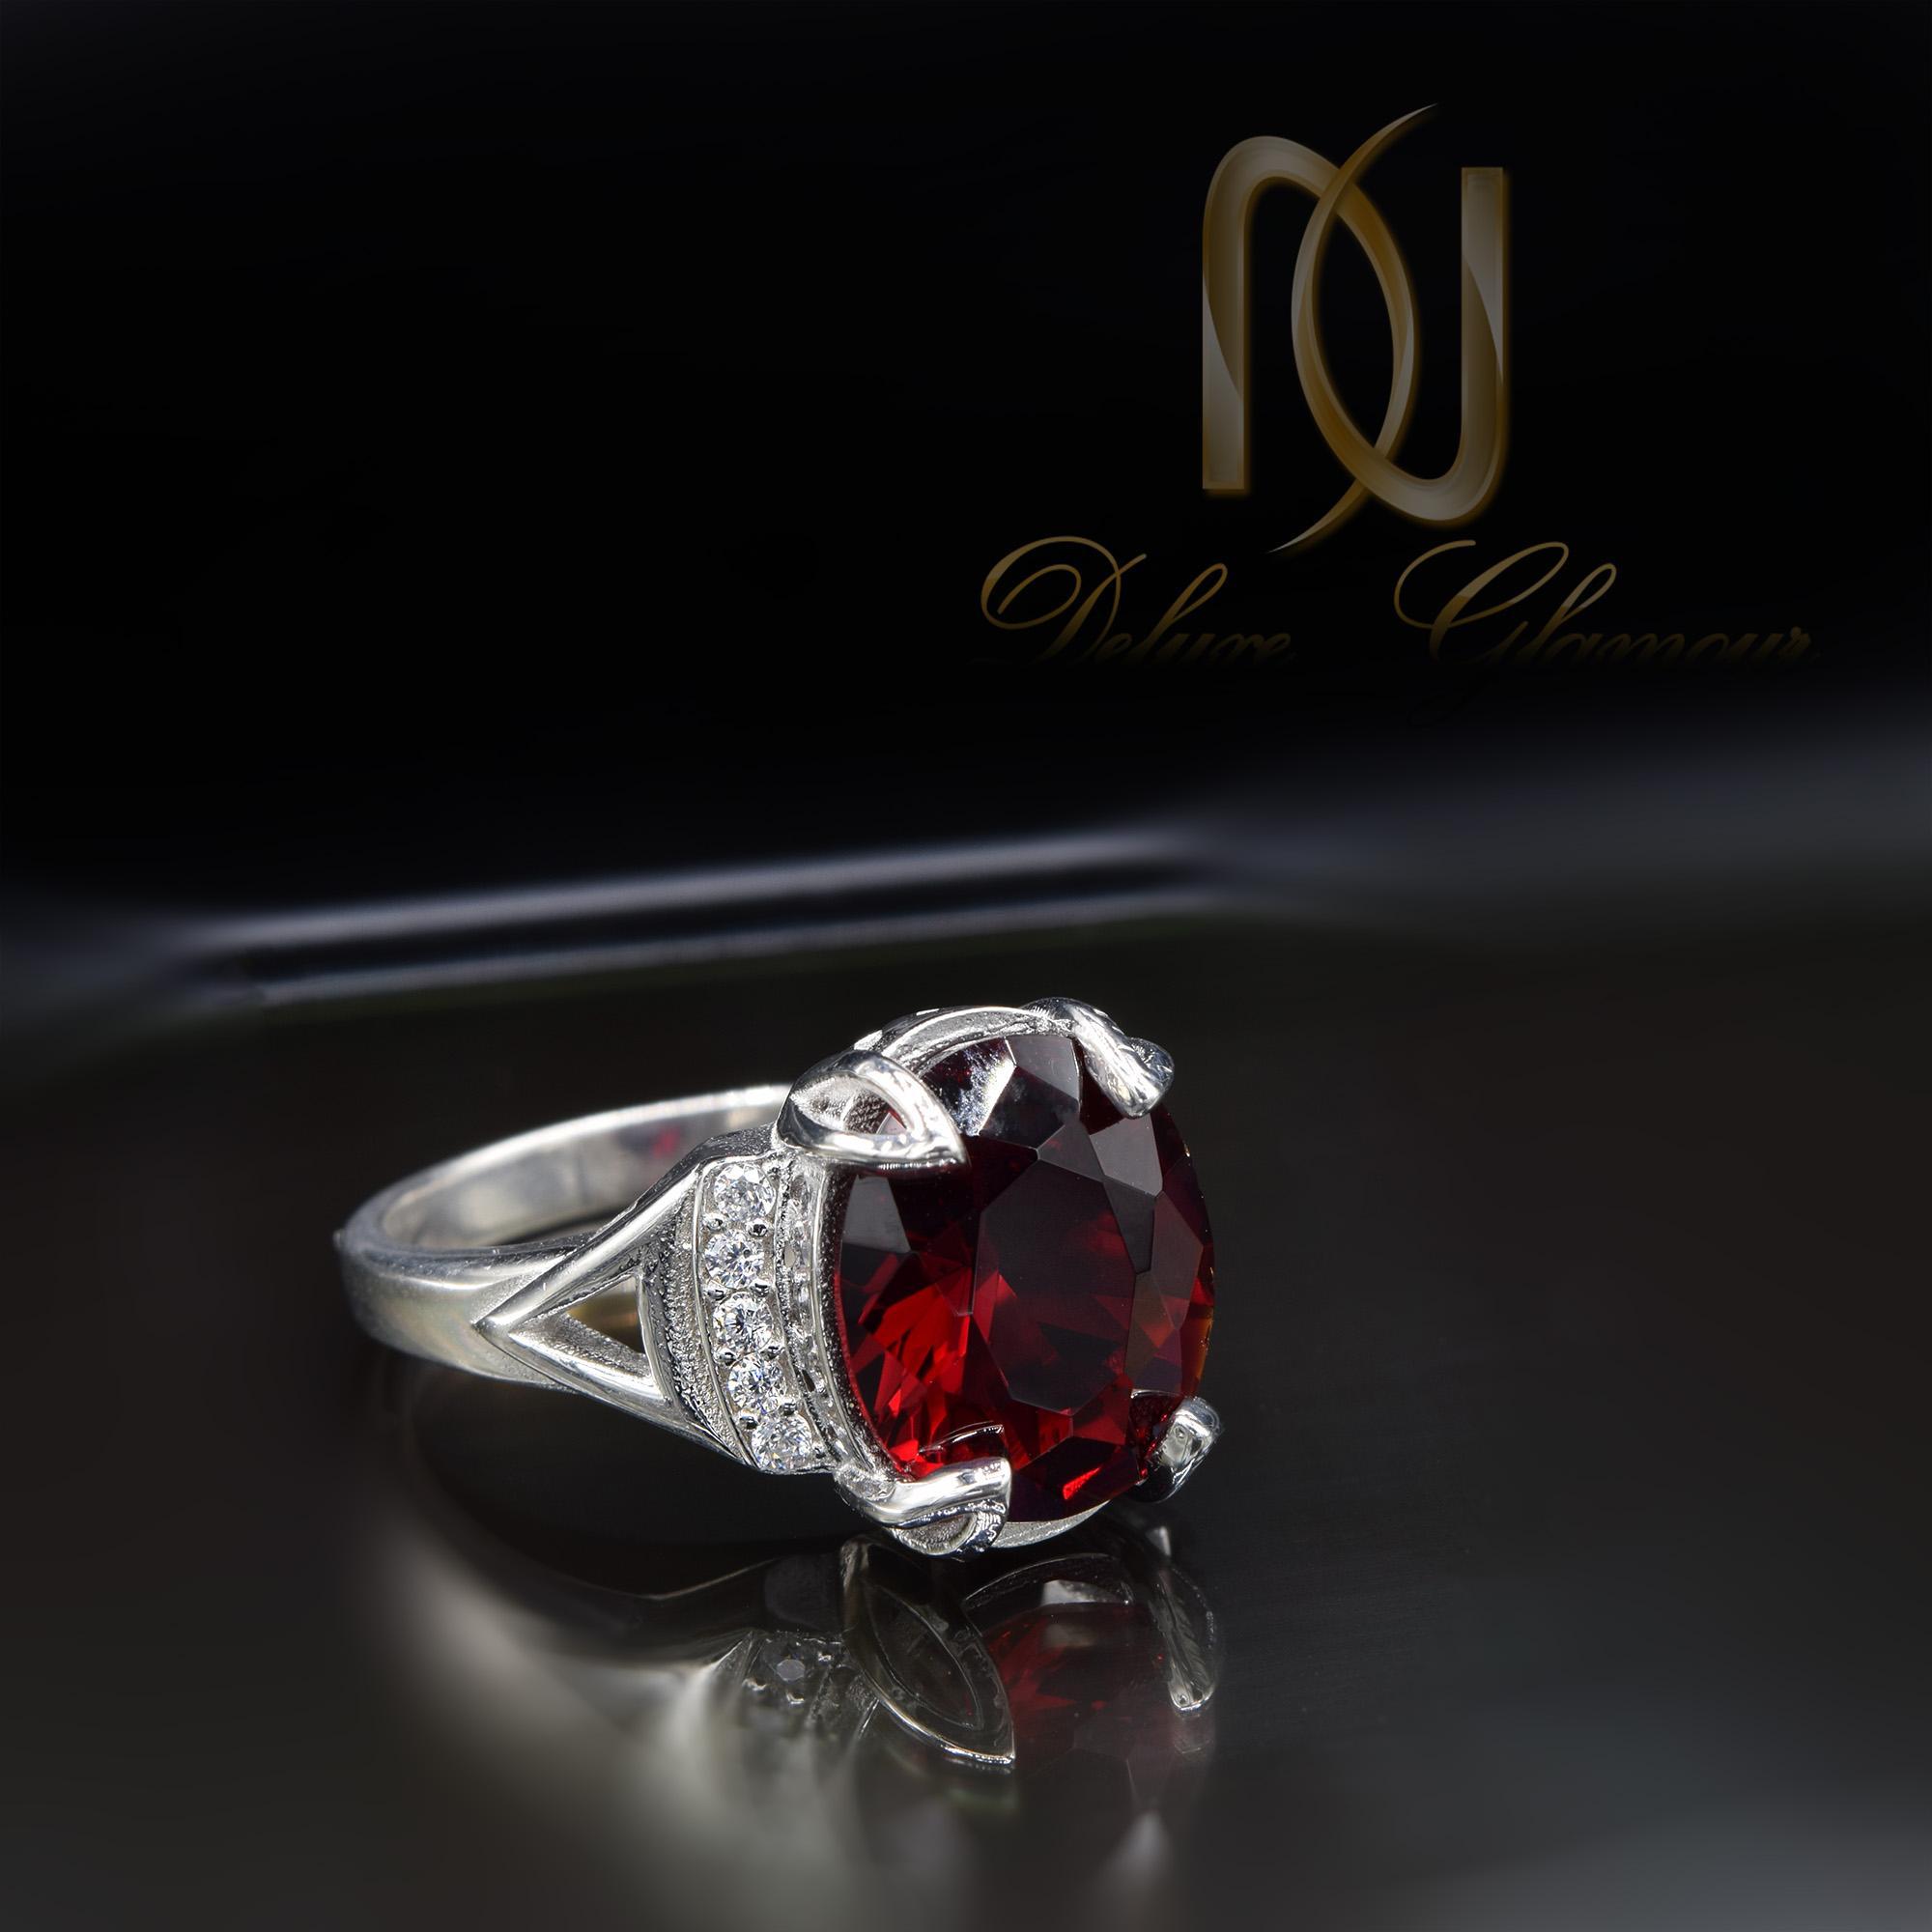 انگشتر نقره زنانه نگین سرخ طرح طلا RG-N401 از نمای مشکی